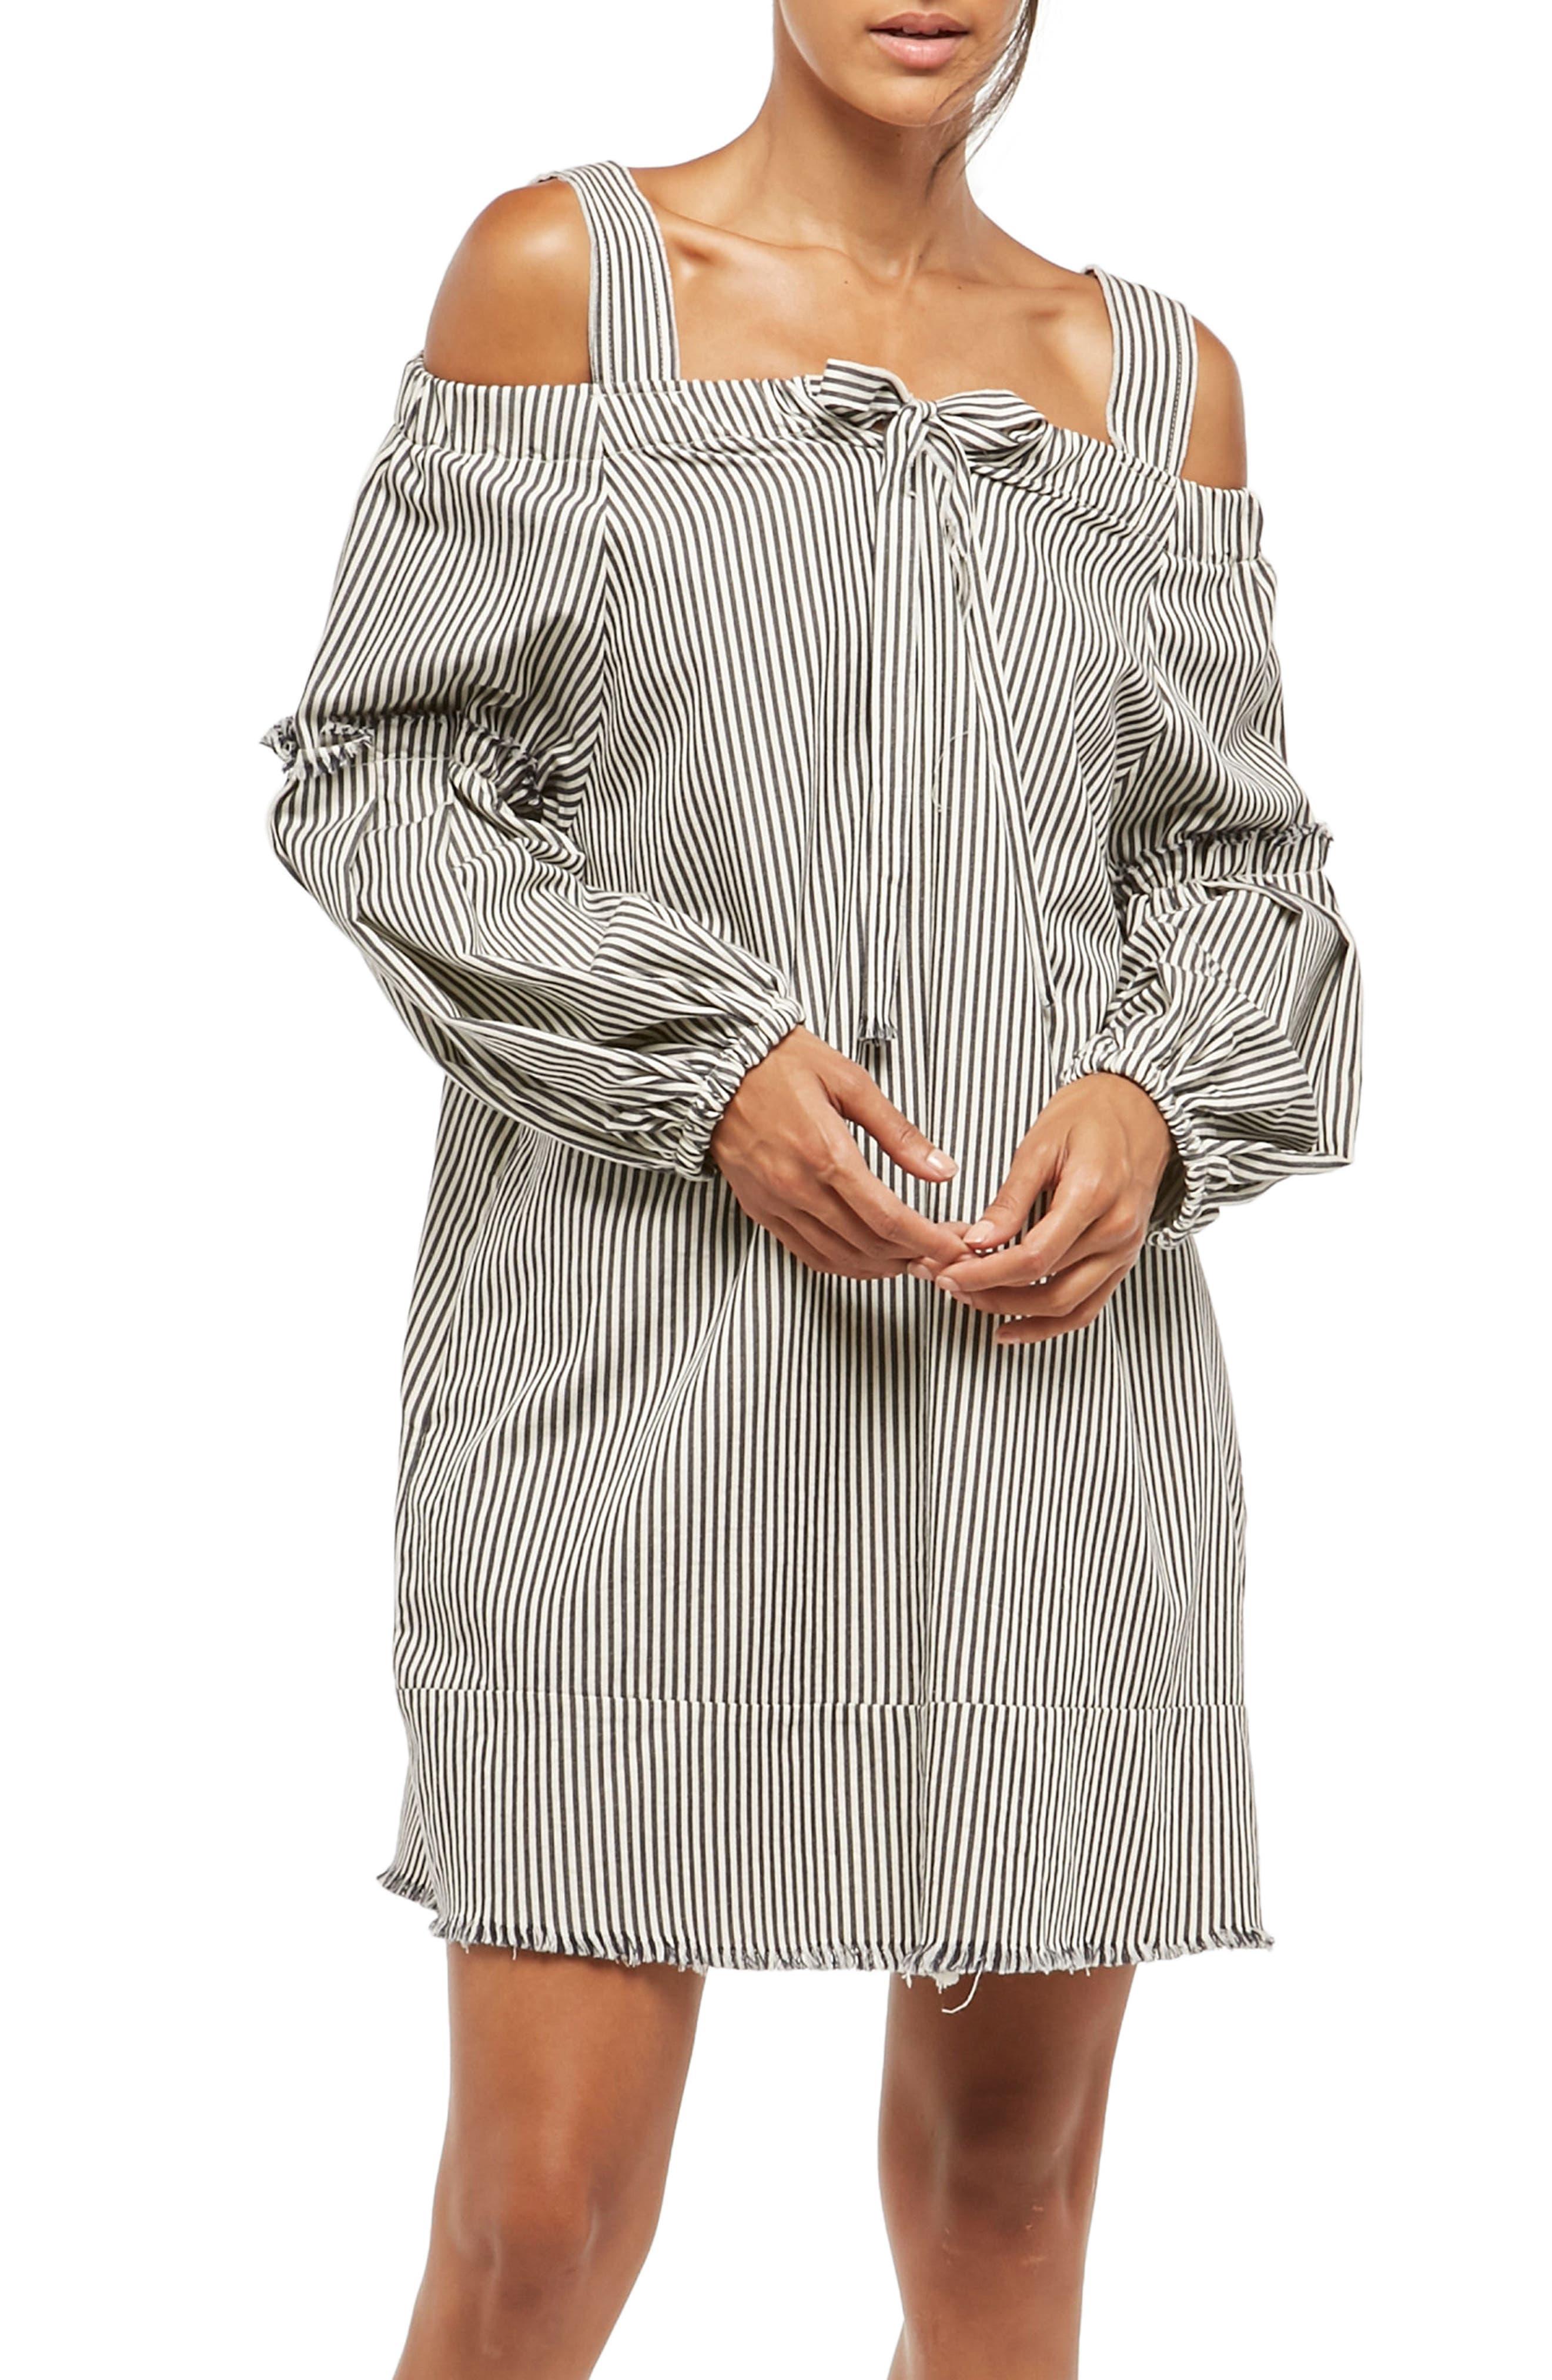 Alpha & Omega Stripe Off the Shoulder Dress,                         Main,                         color, Black